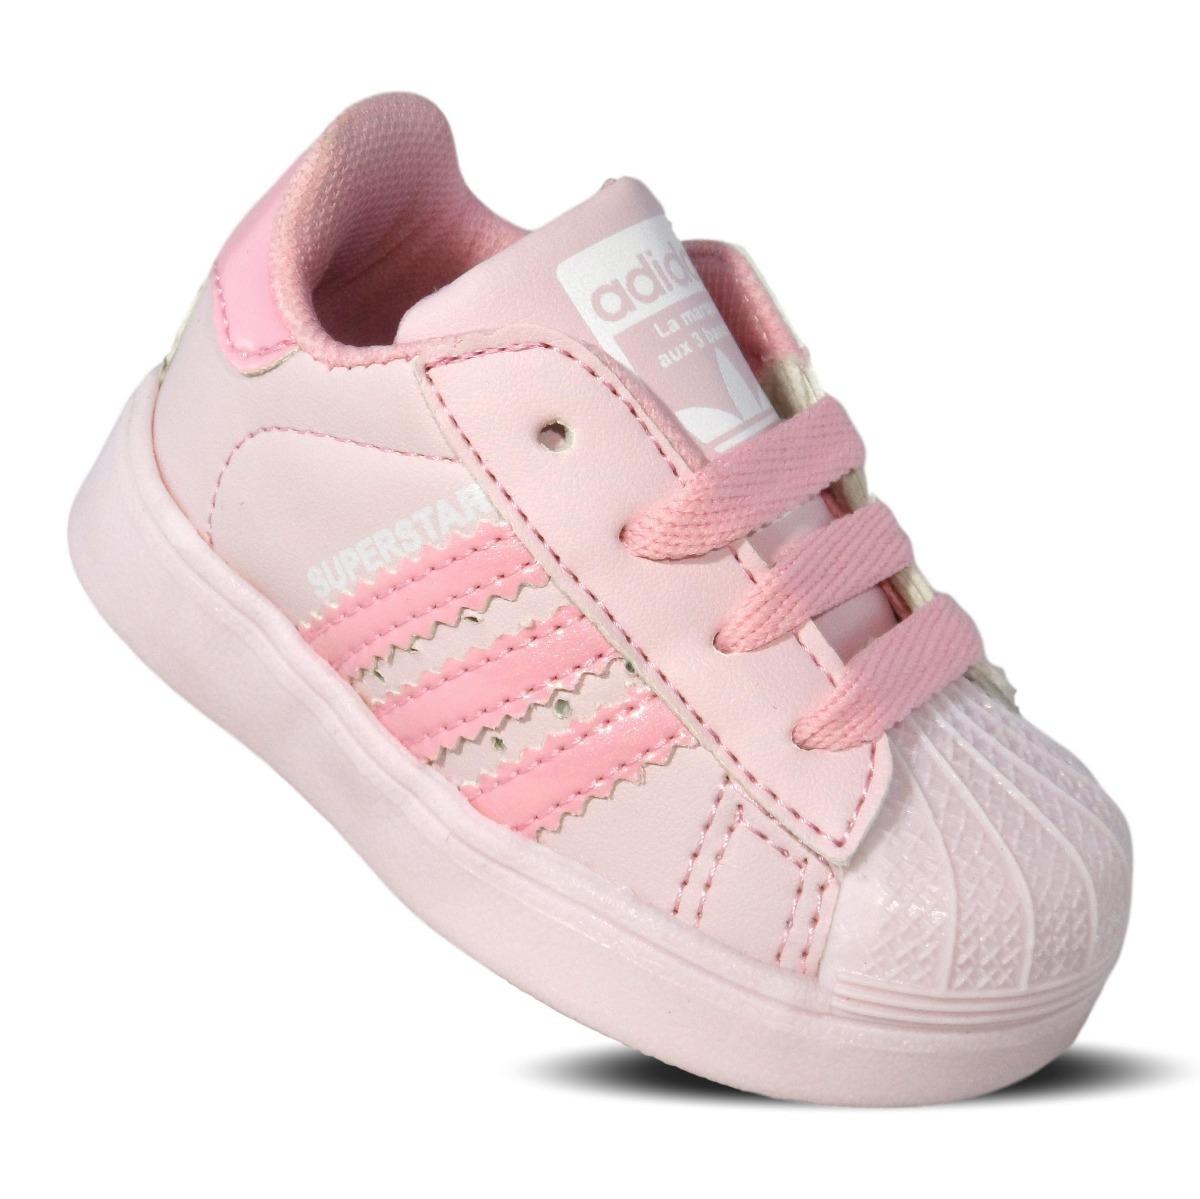 adidas superstar rosa niña